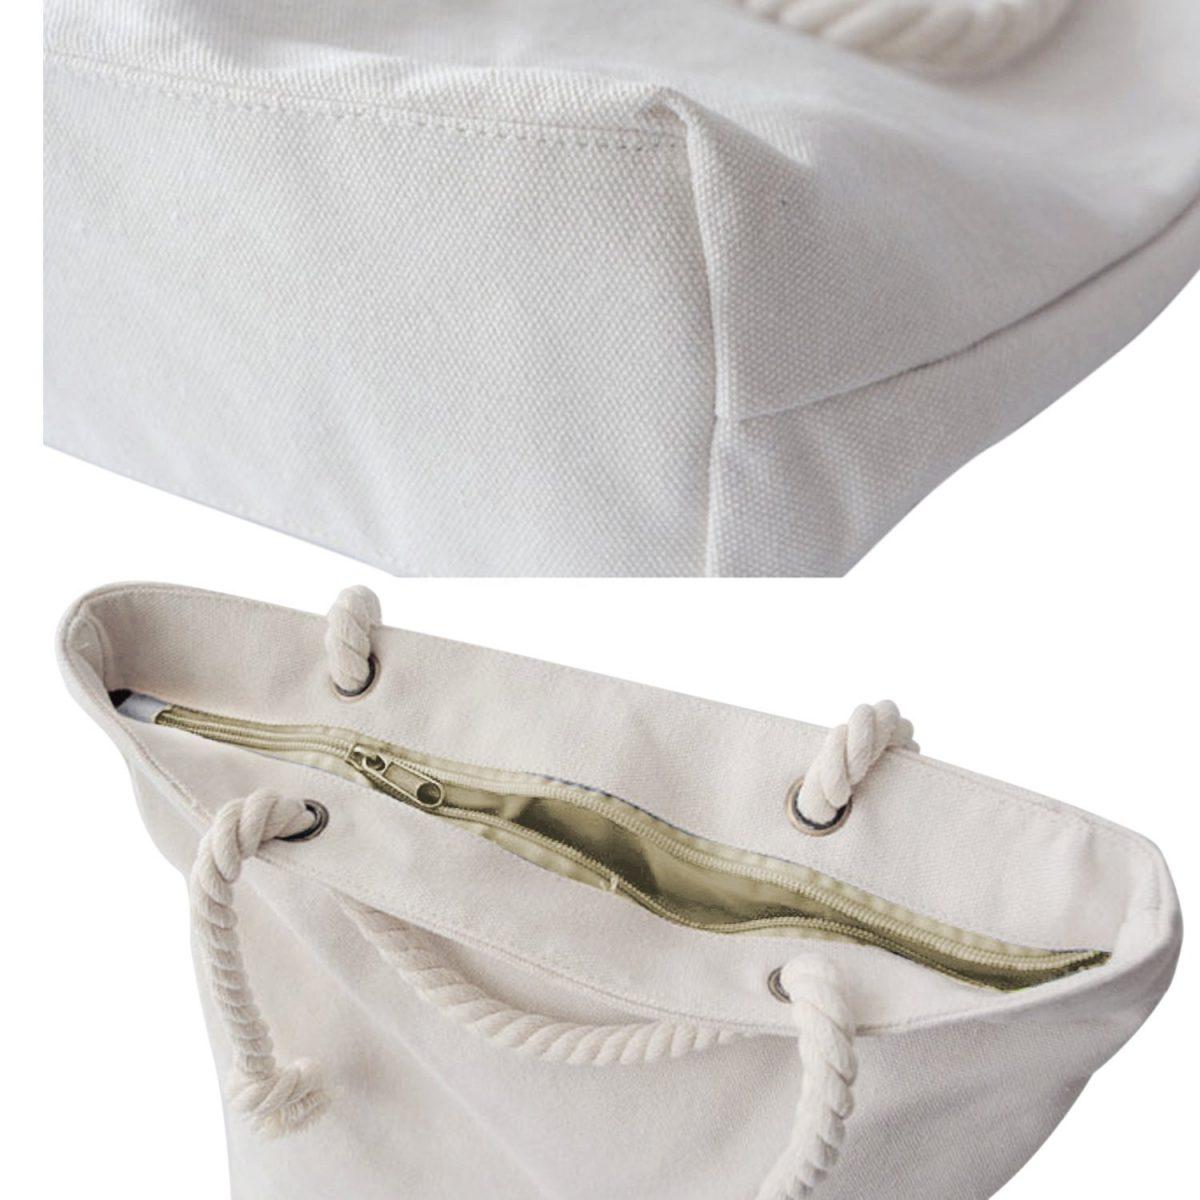 Kız Kulesi Dijital Baskılı Fermuarlı Modern Kumaş Çanta Realhomes